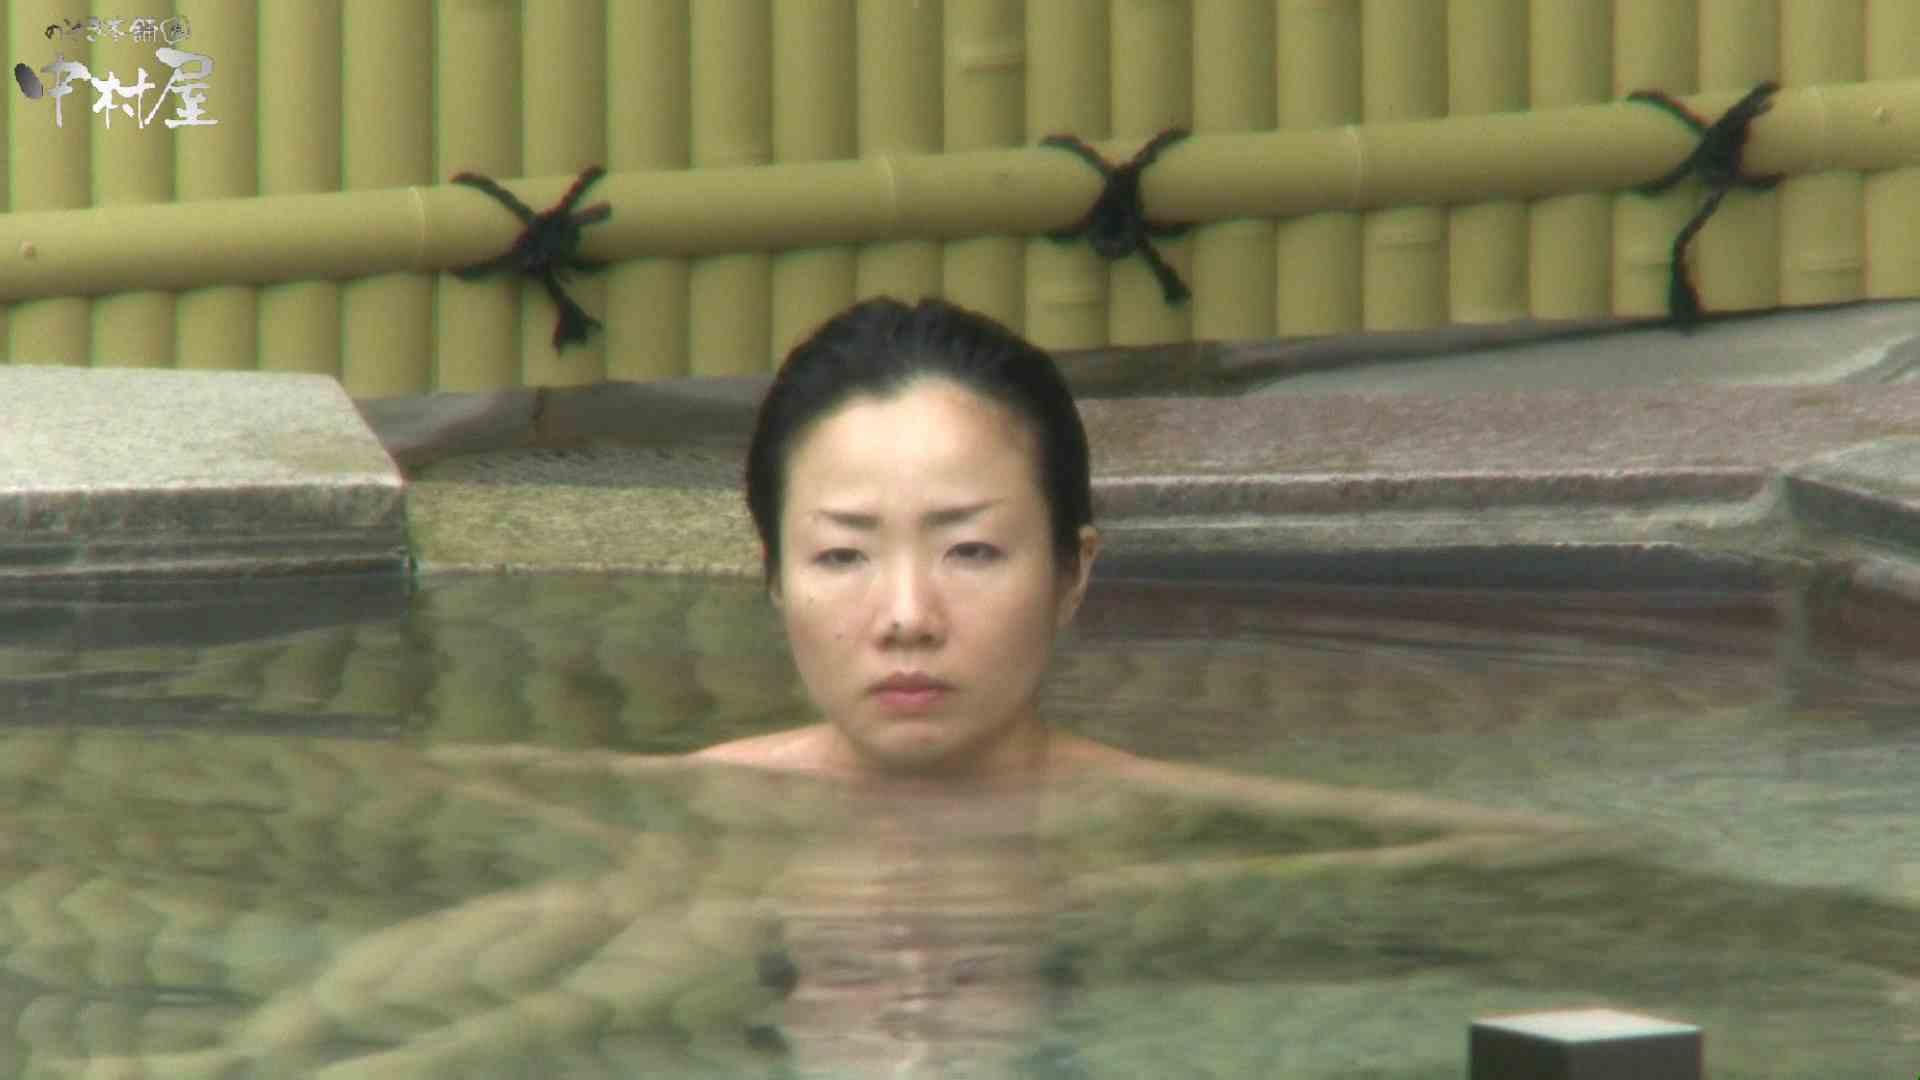 Aquaな露天風呂Vol.950 露天風呂 | 盗撮  107連発 43